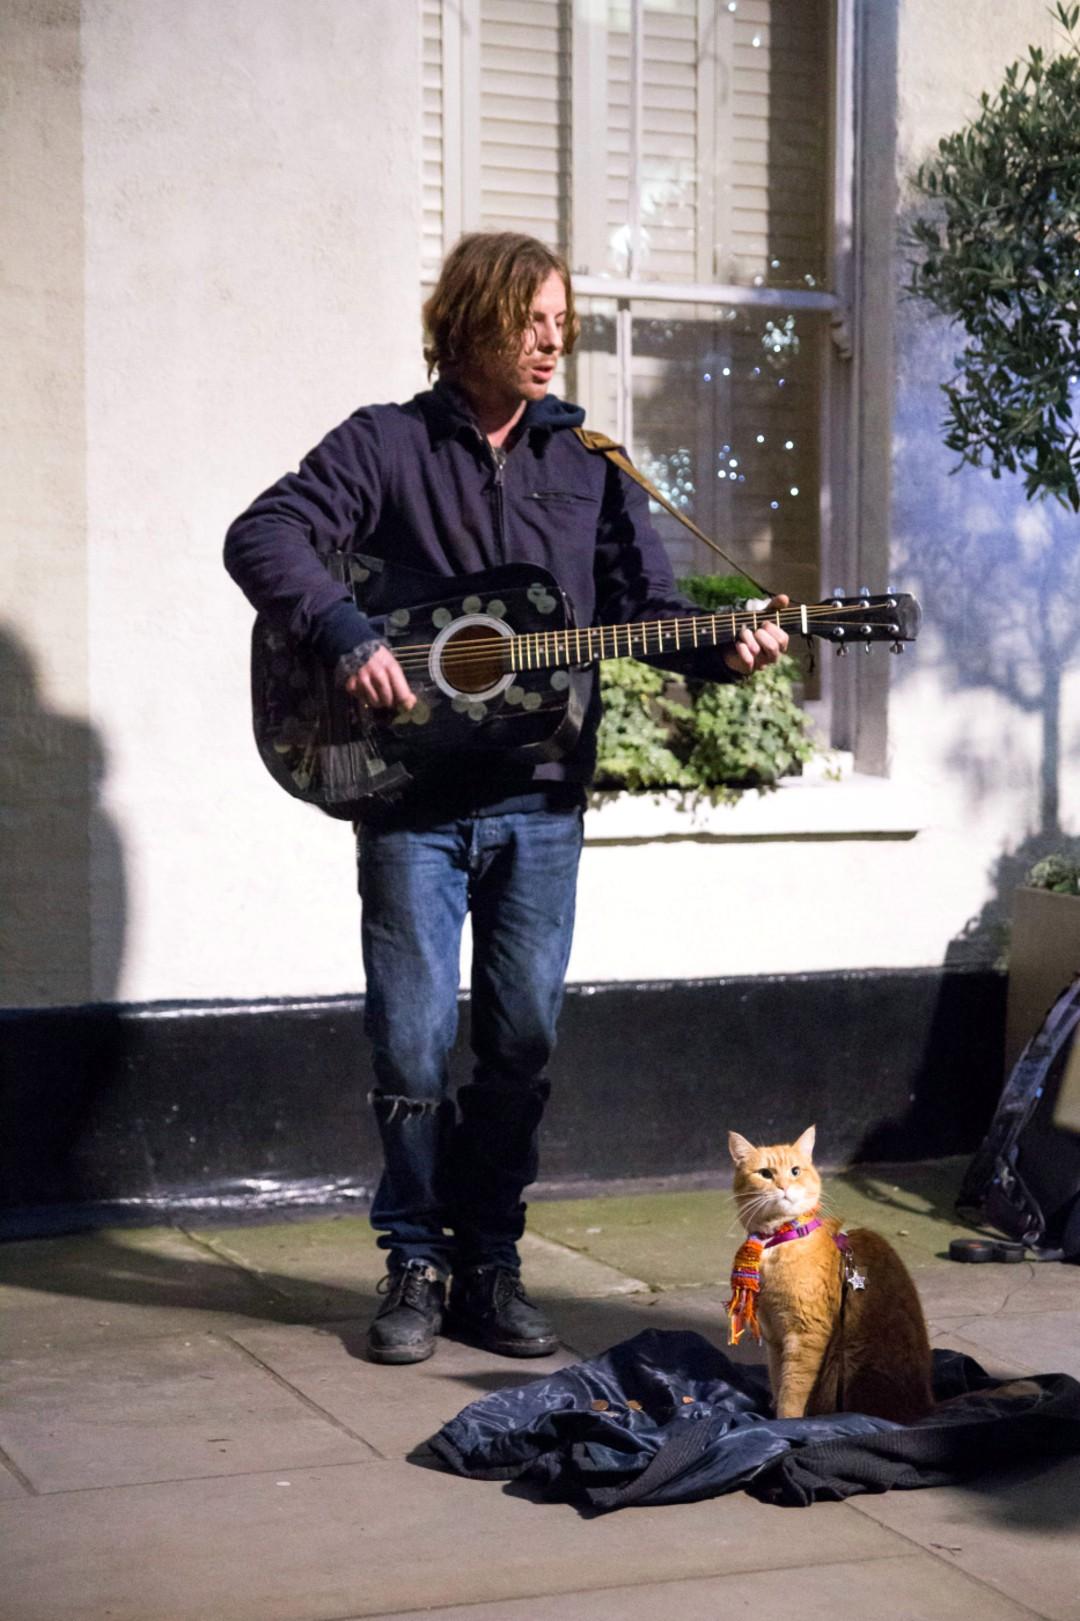 Bob Der Streuner: Straßenkatze im Kino - Bild 10 von 18